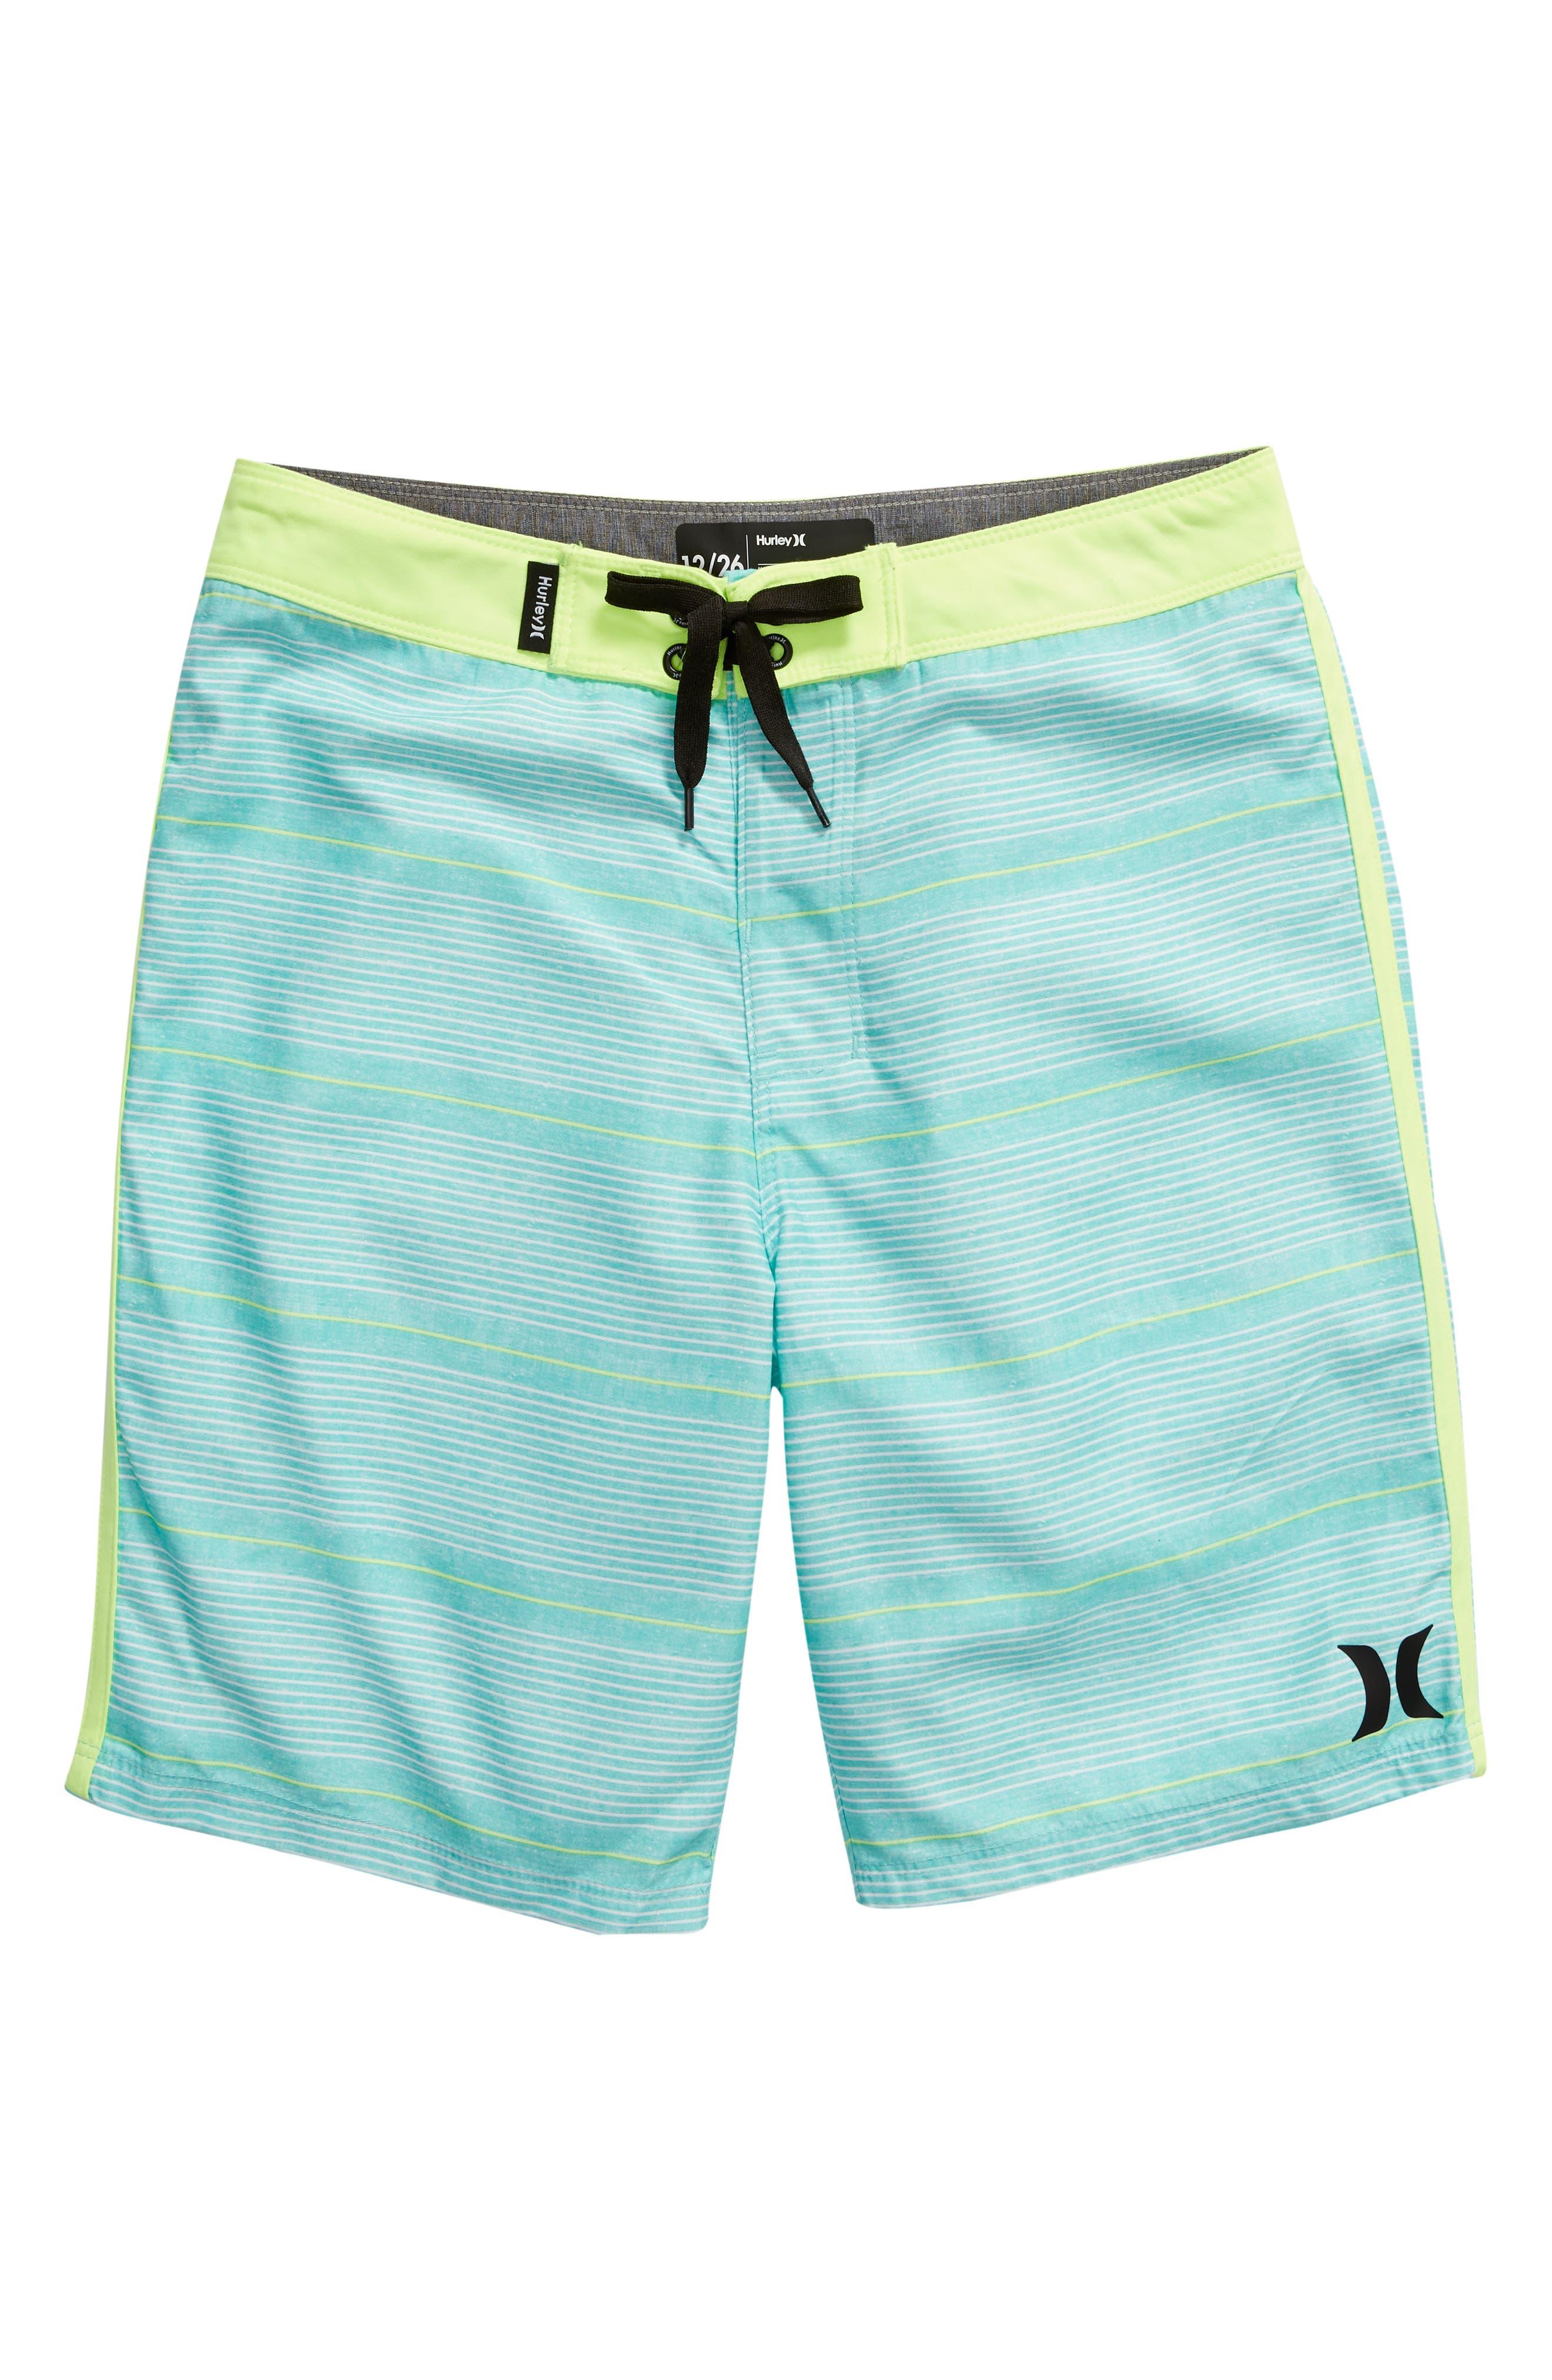 HURLEY Shoreline Board Shorts, Main, color, TROPICAL TWIST